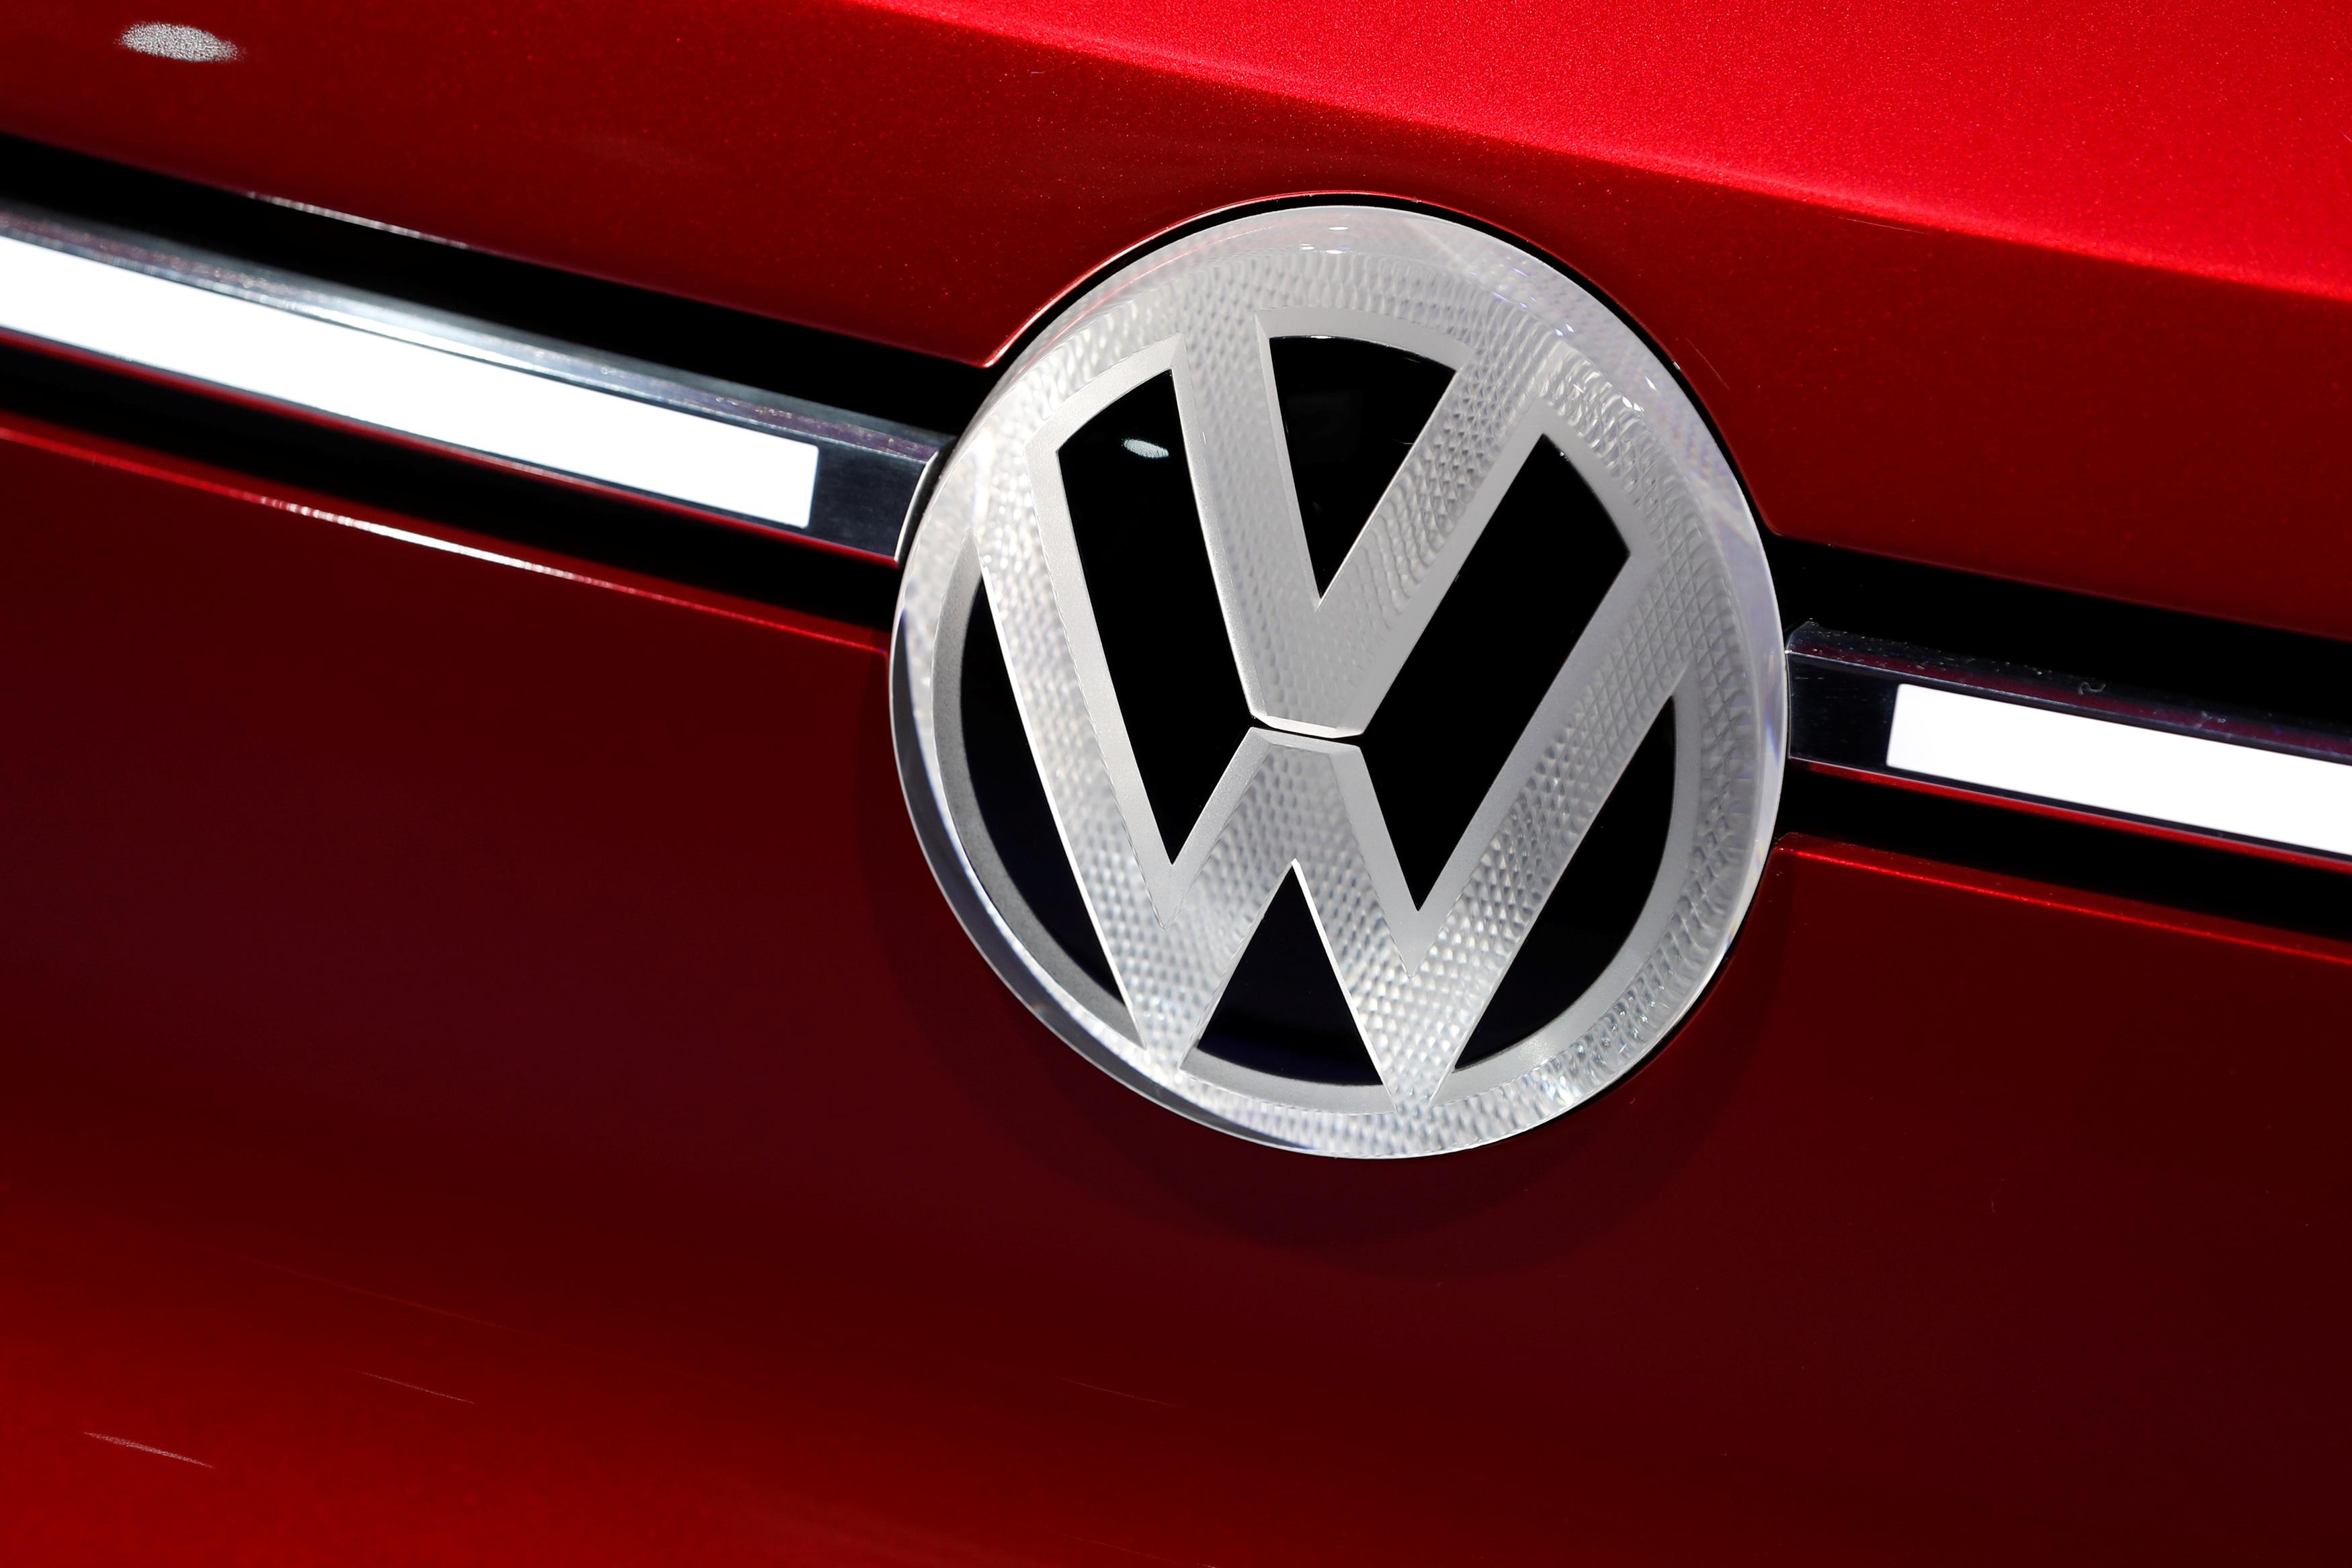 独VW、17年のグル―プ販売台数は4.3%増 トヨタ上回る公算